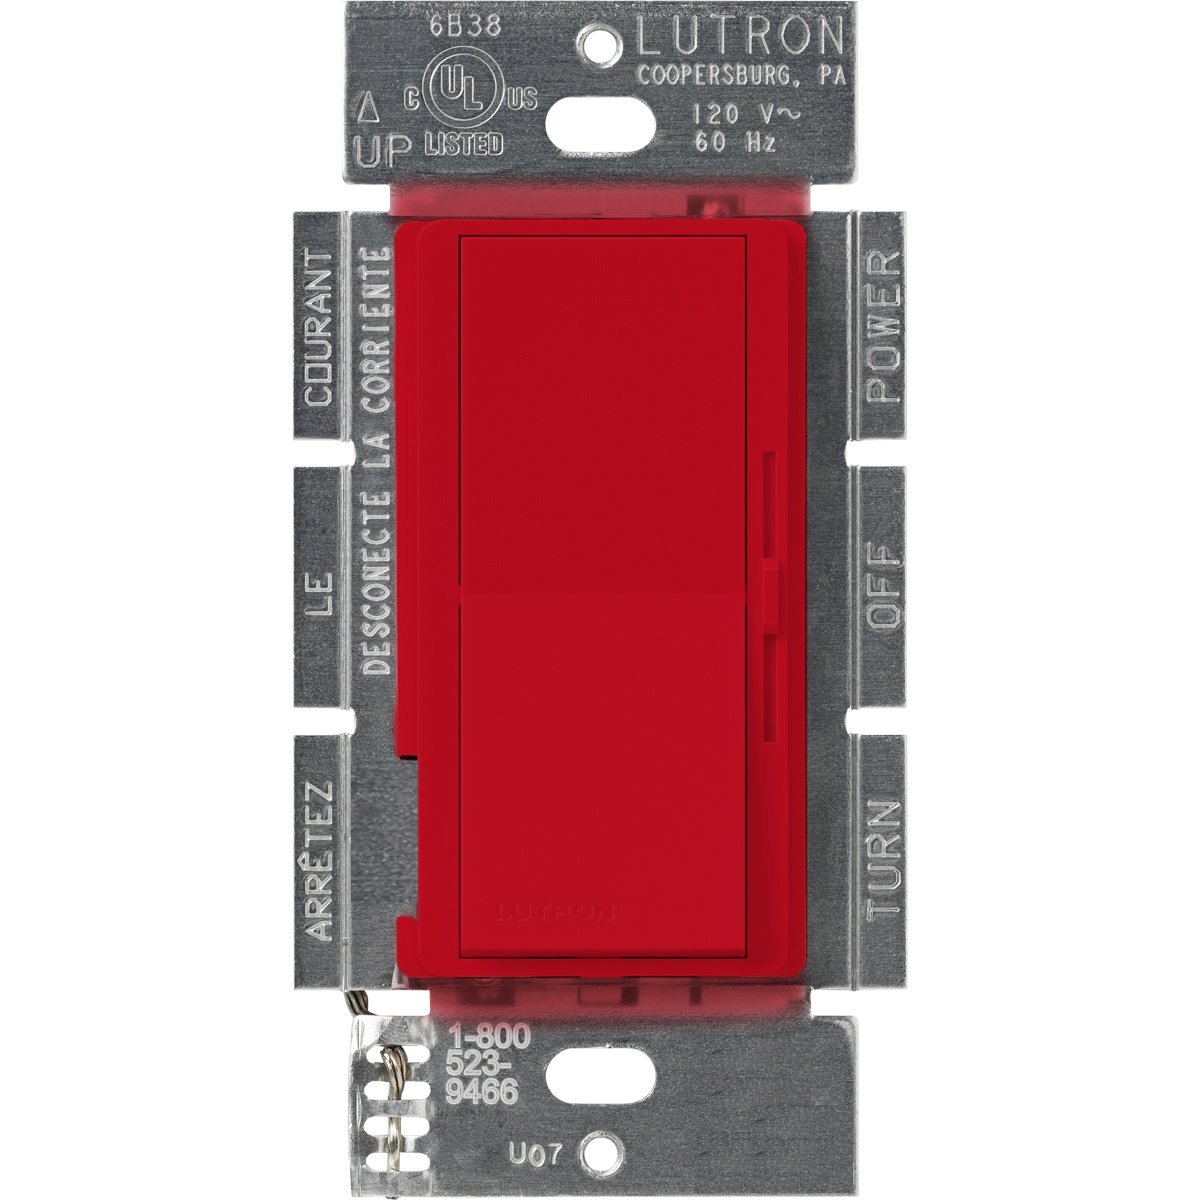 LUTRON(ルートロン) ディーバ 3段階変速ファンコントローラ 1.5A 単極3投 DVSCFSQ-F-HT 1 B000MAUUYE Hot Hot